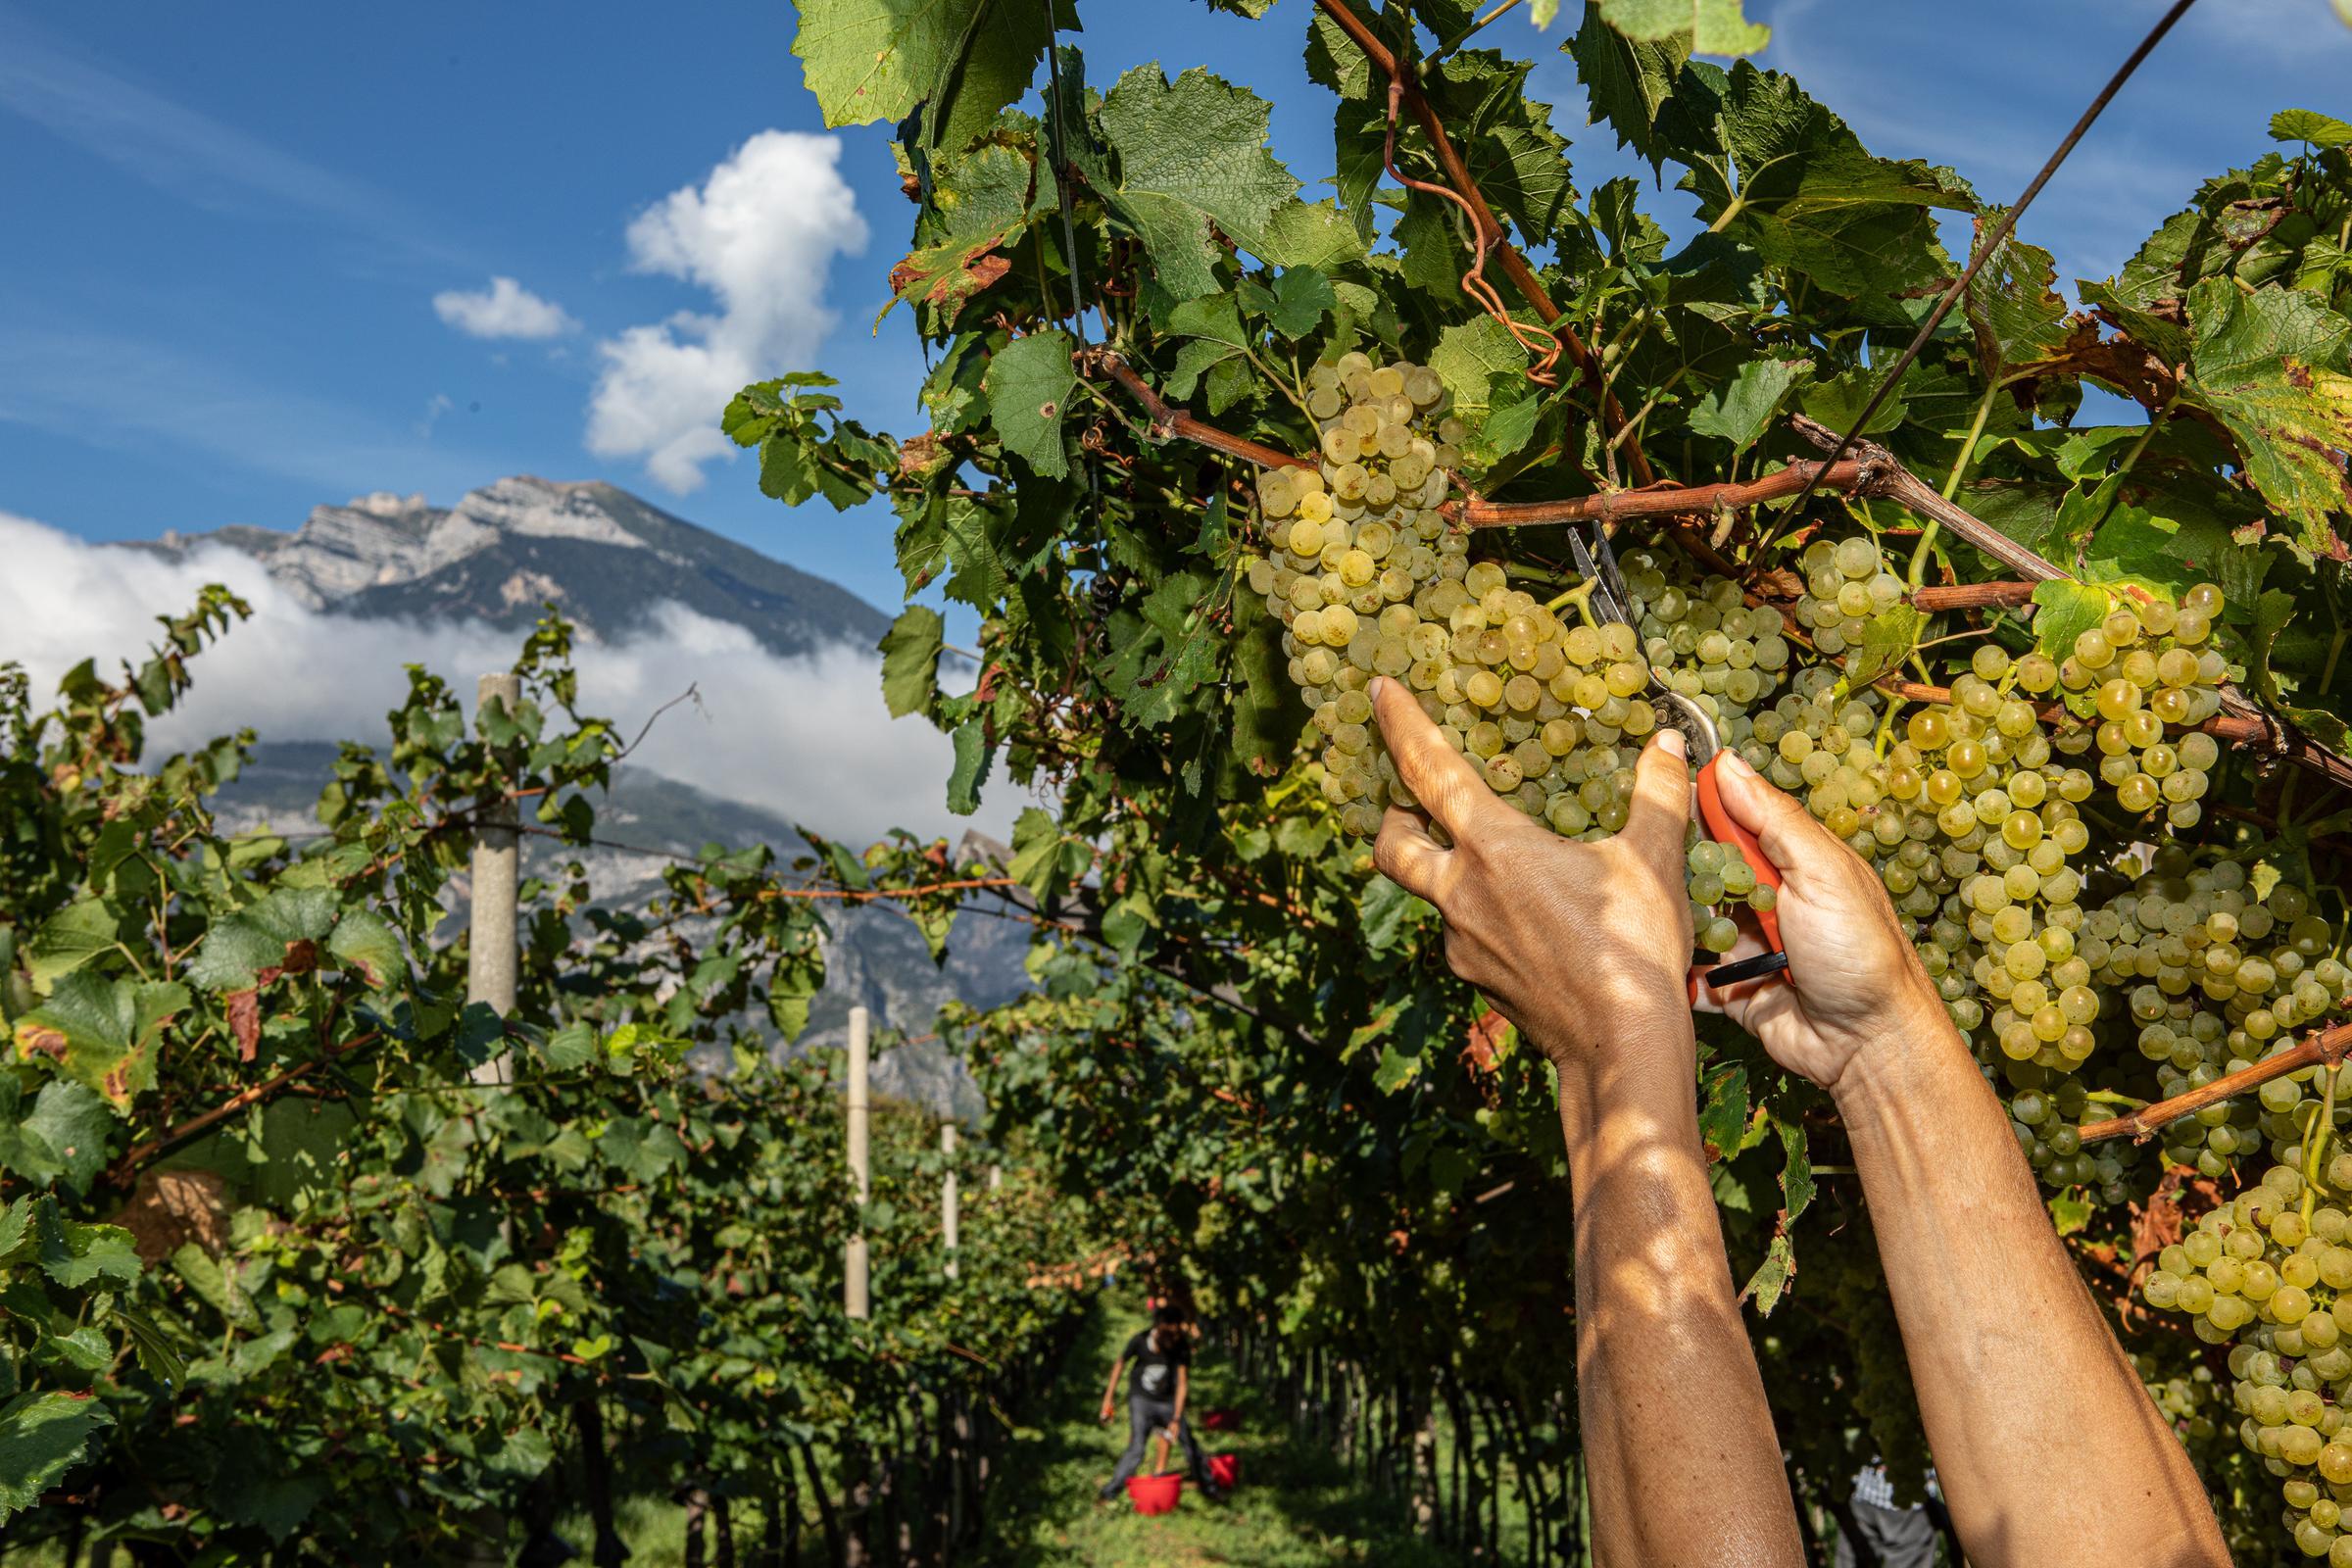 https://a.storyblok.com/f/105614/3543x2362/5904bdb1ad/ferrari-vinyard.jpg